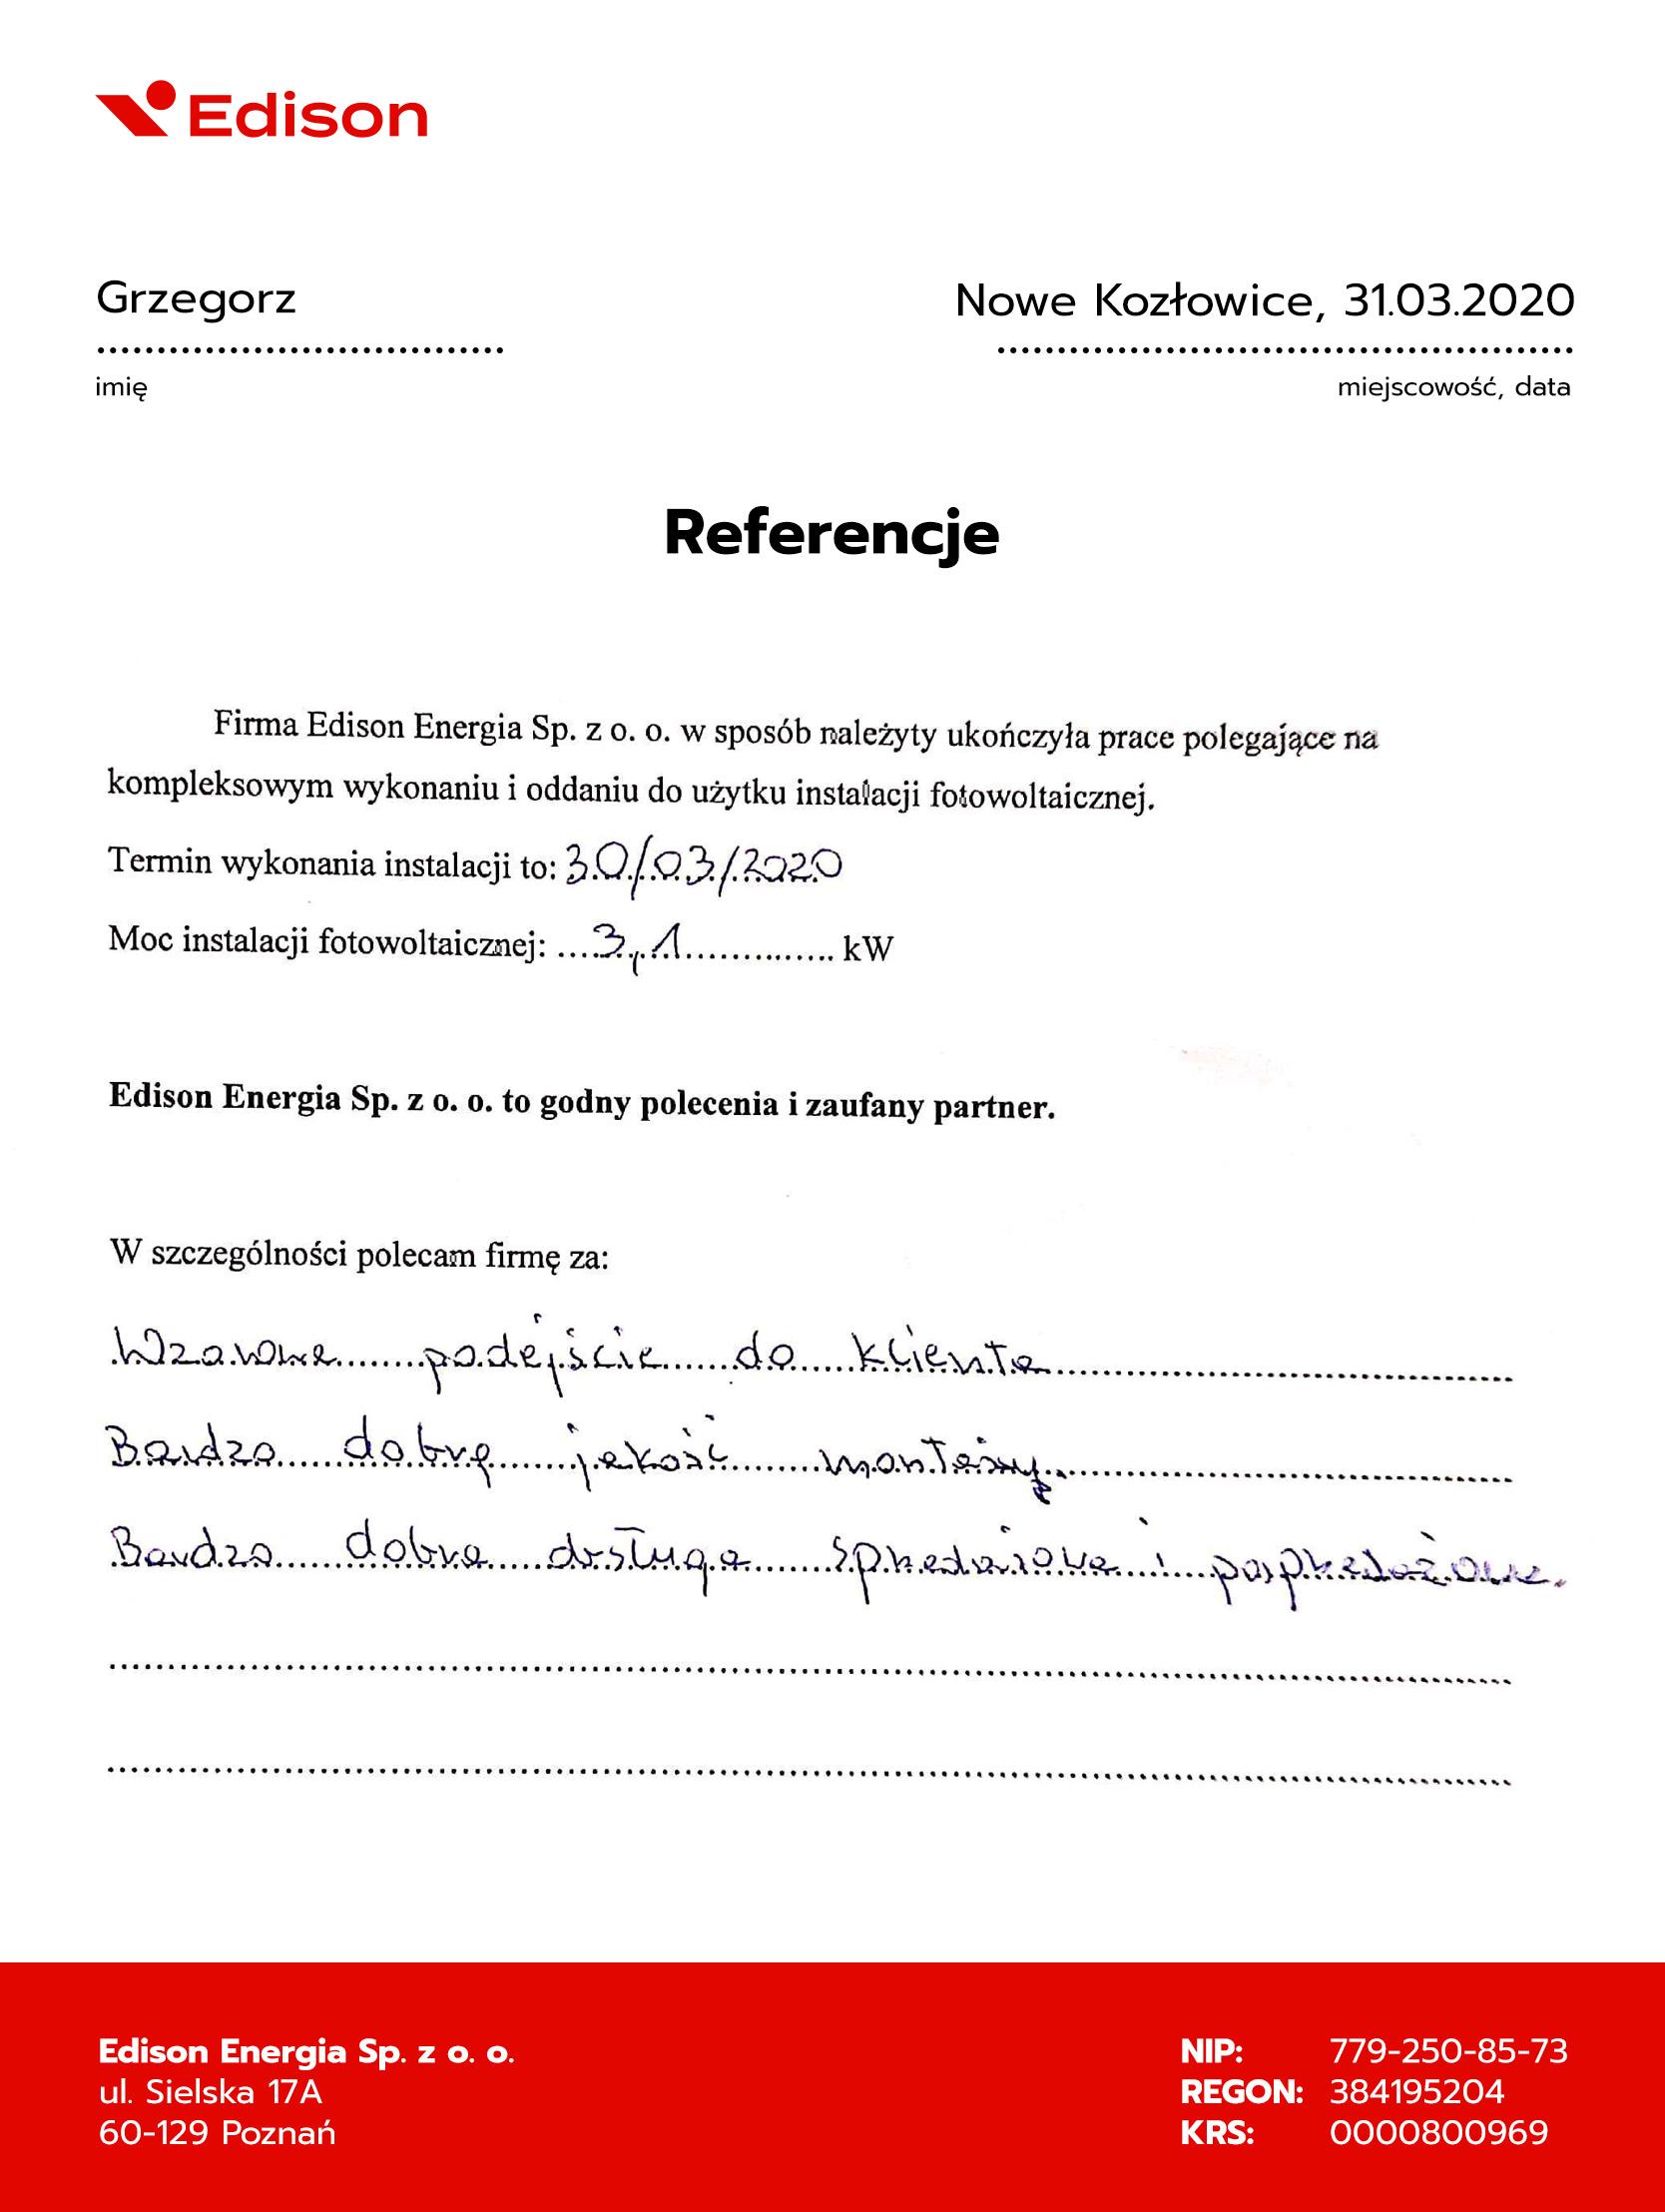 Fotowoltaika Nowe Kozłowice